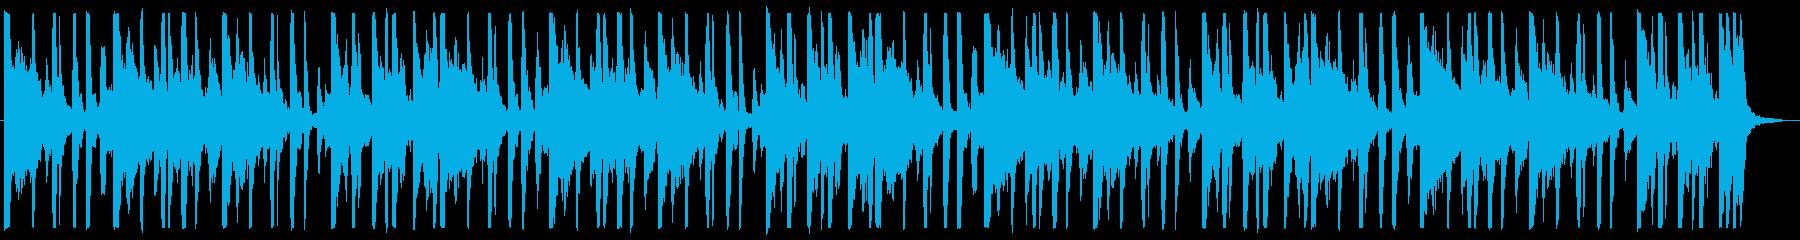 冬/切ない/R&B_No483_5の再生済みの波形